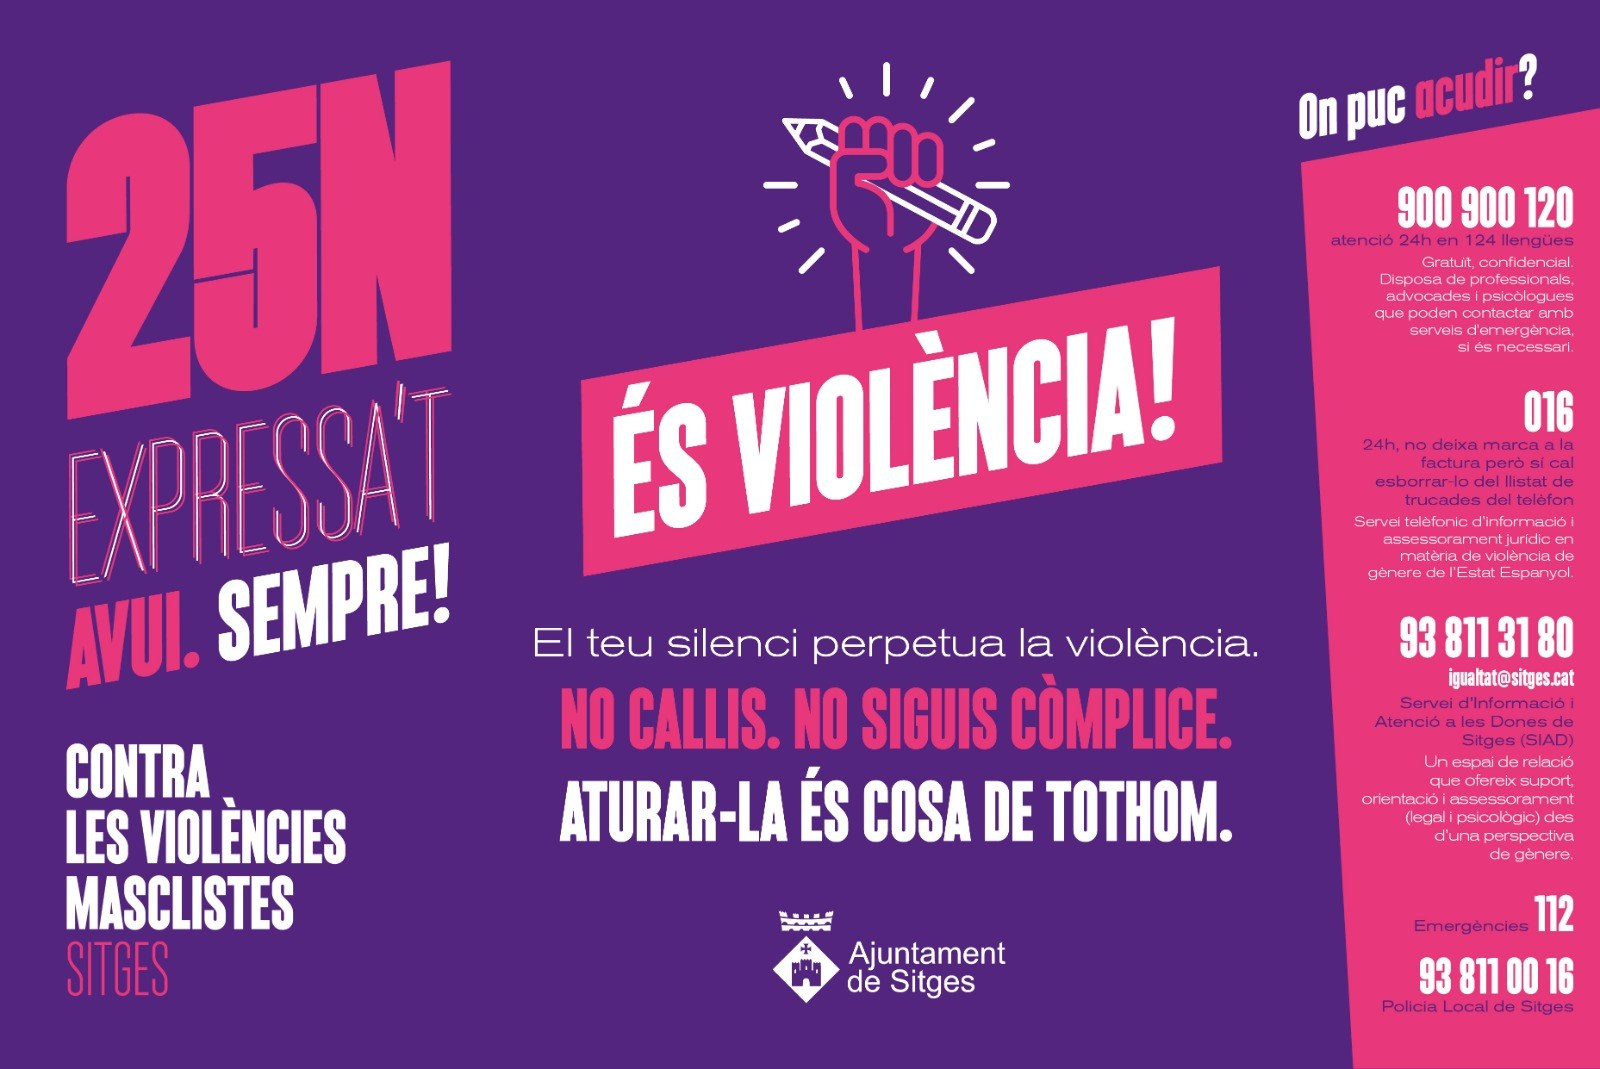 L'Ajuntament inicia una campanya per combatre les violències masclistes